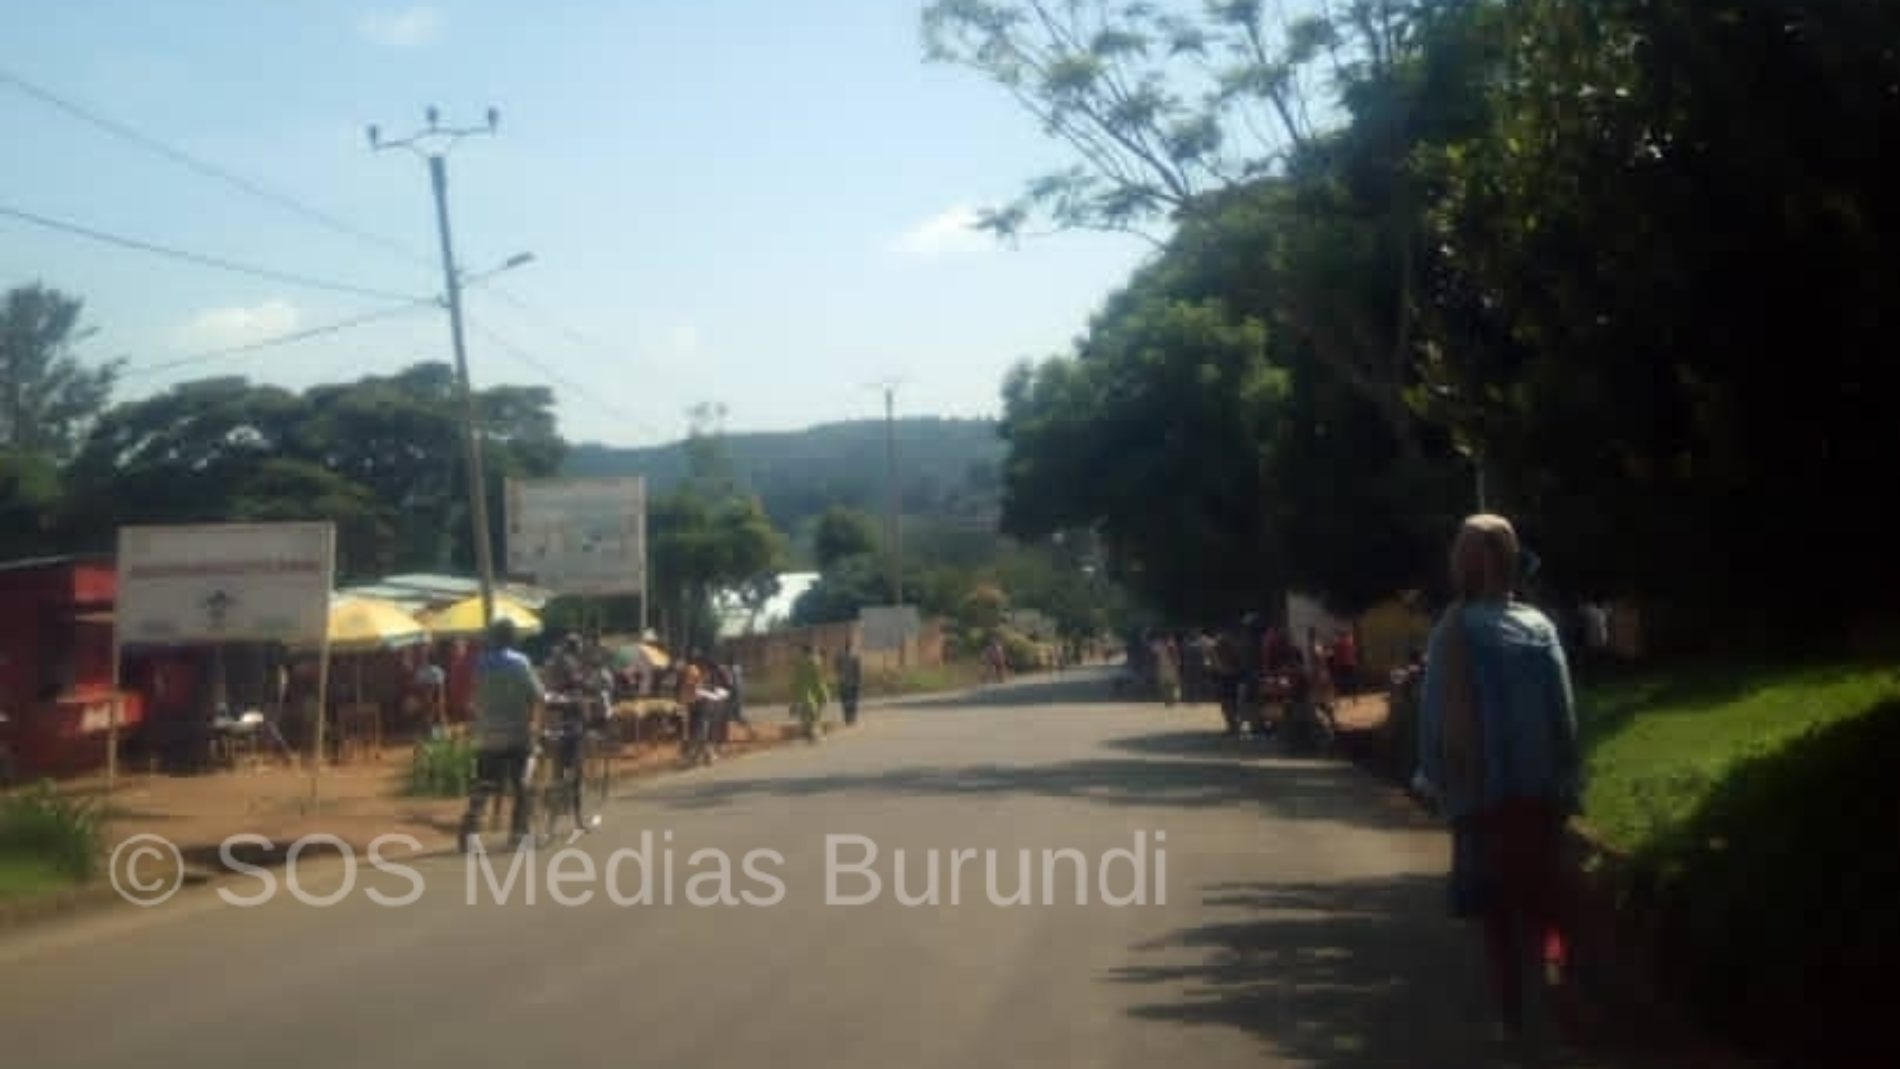 Kirundo : des rondes d'Imbonerakure de plus en plus nombreuses et violentes